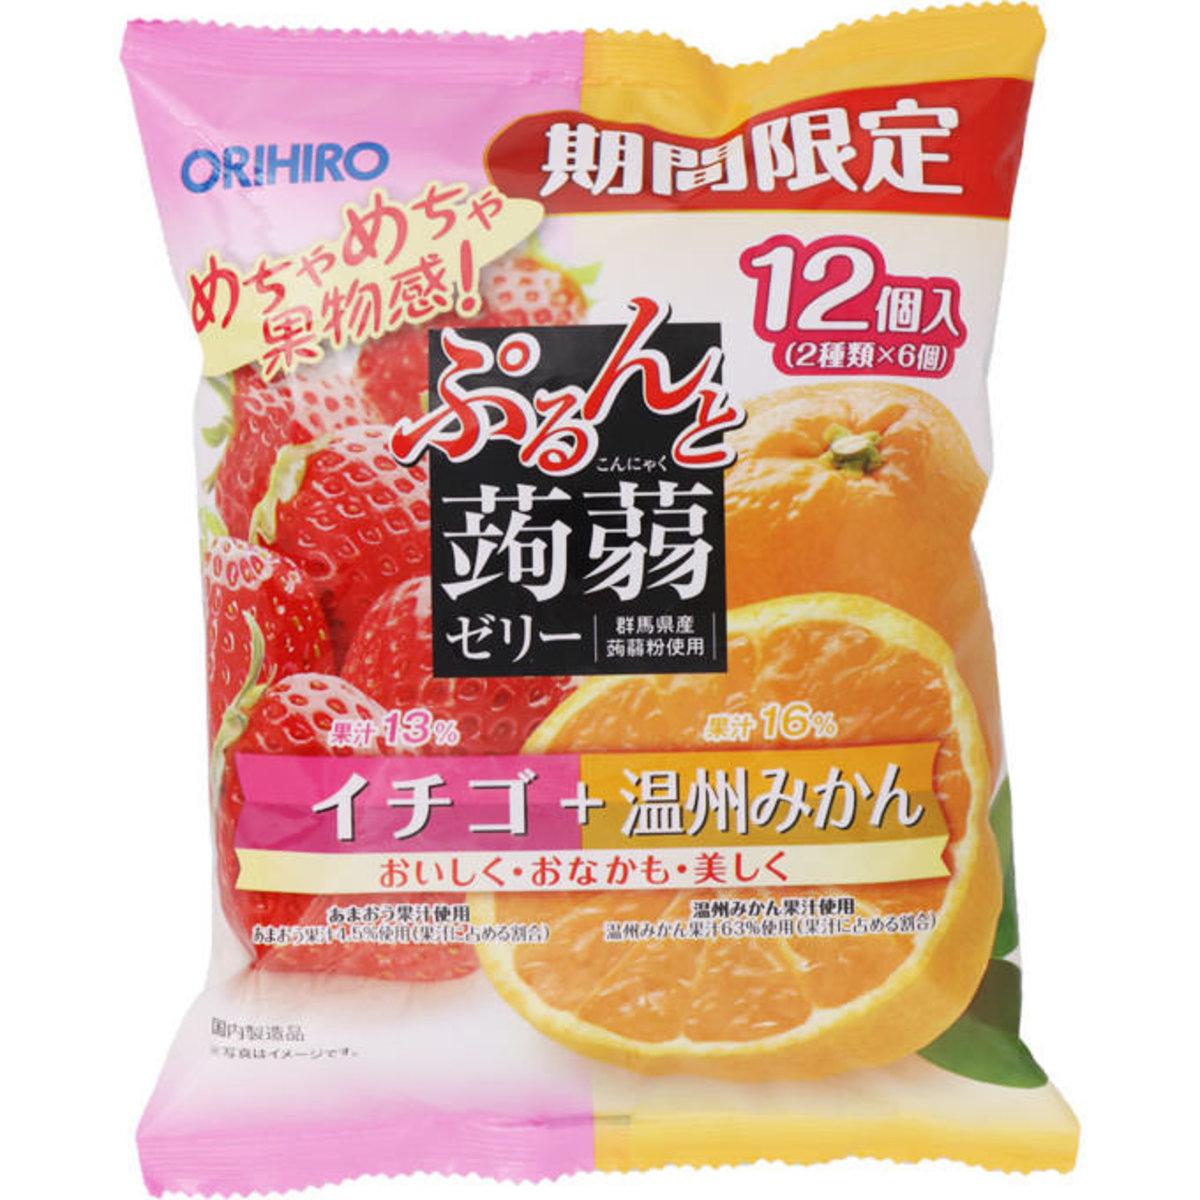 士多啤梨 温州蜜柑味蒟蒻  20g×12個 (平行進口)